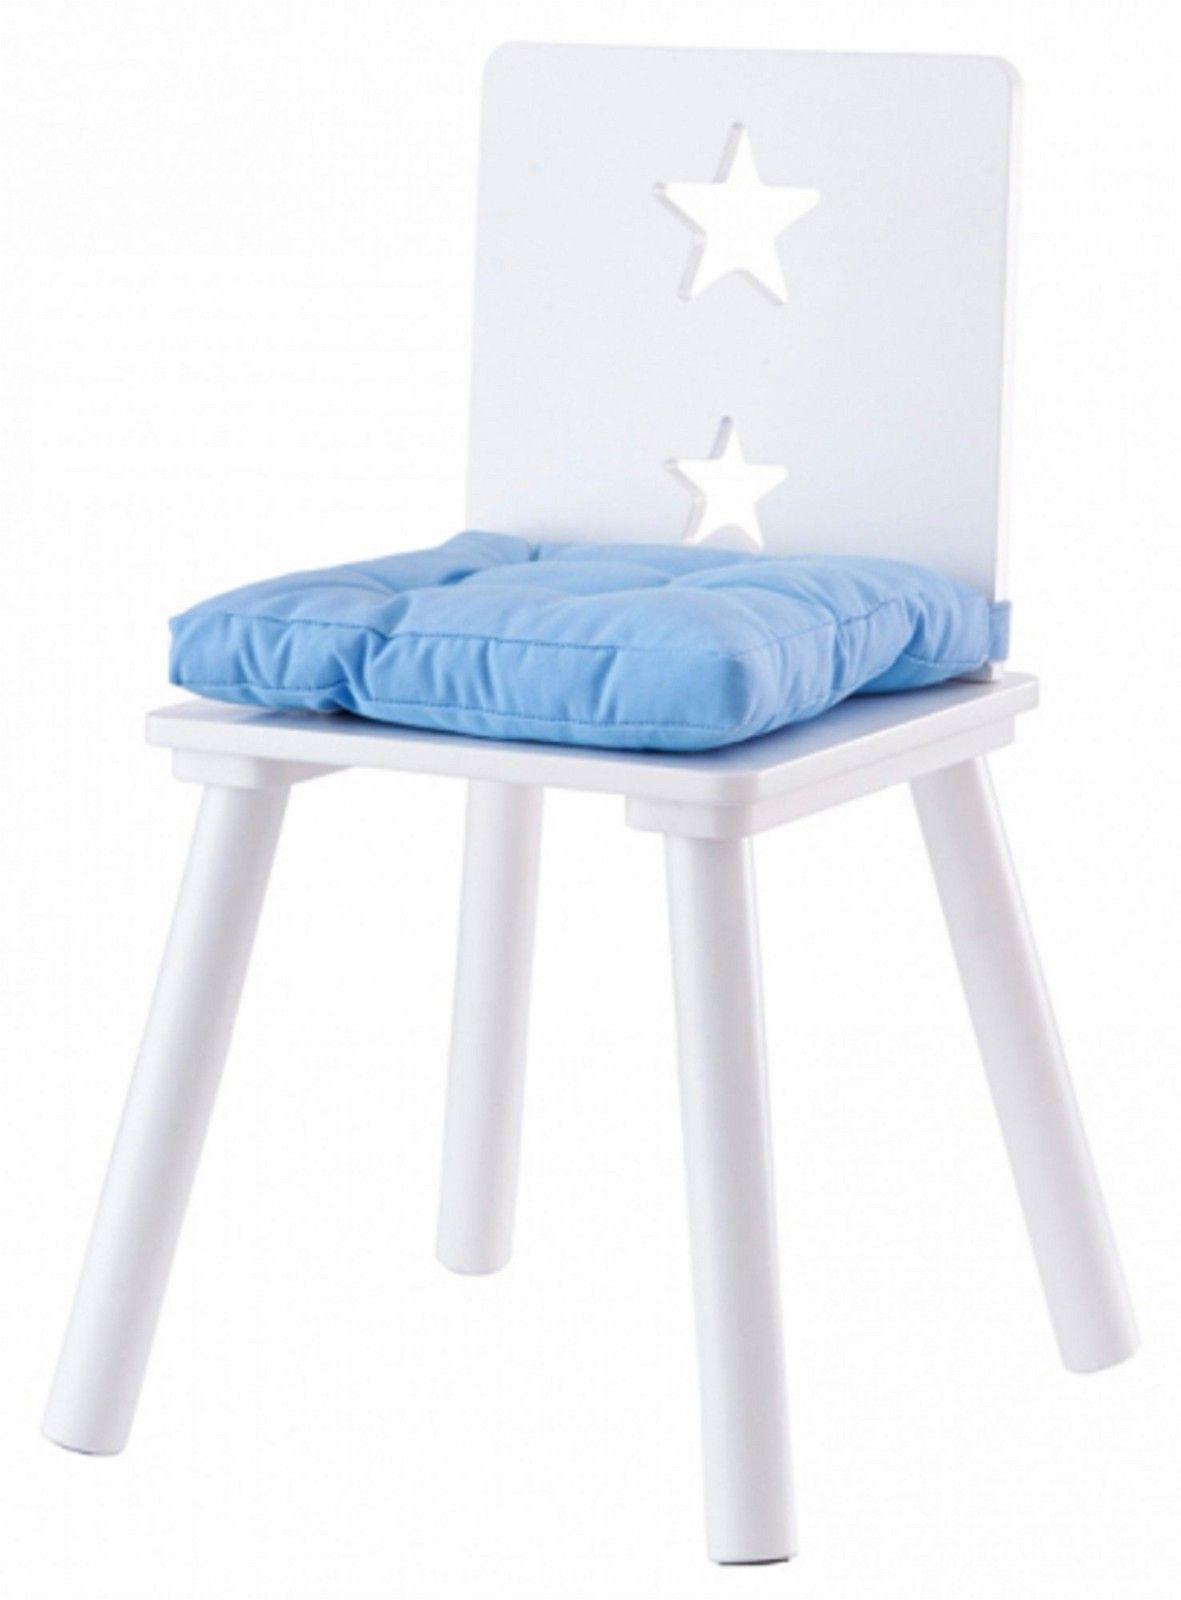 Stoler blå fra Kids consept i tre 2 stk med puter - Oslo  - Ny pris kr 1000 for to, 1 kr 500, putene koster kr 150 per stykk. Selges samlet for kr 700 - Oslo